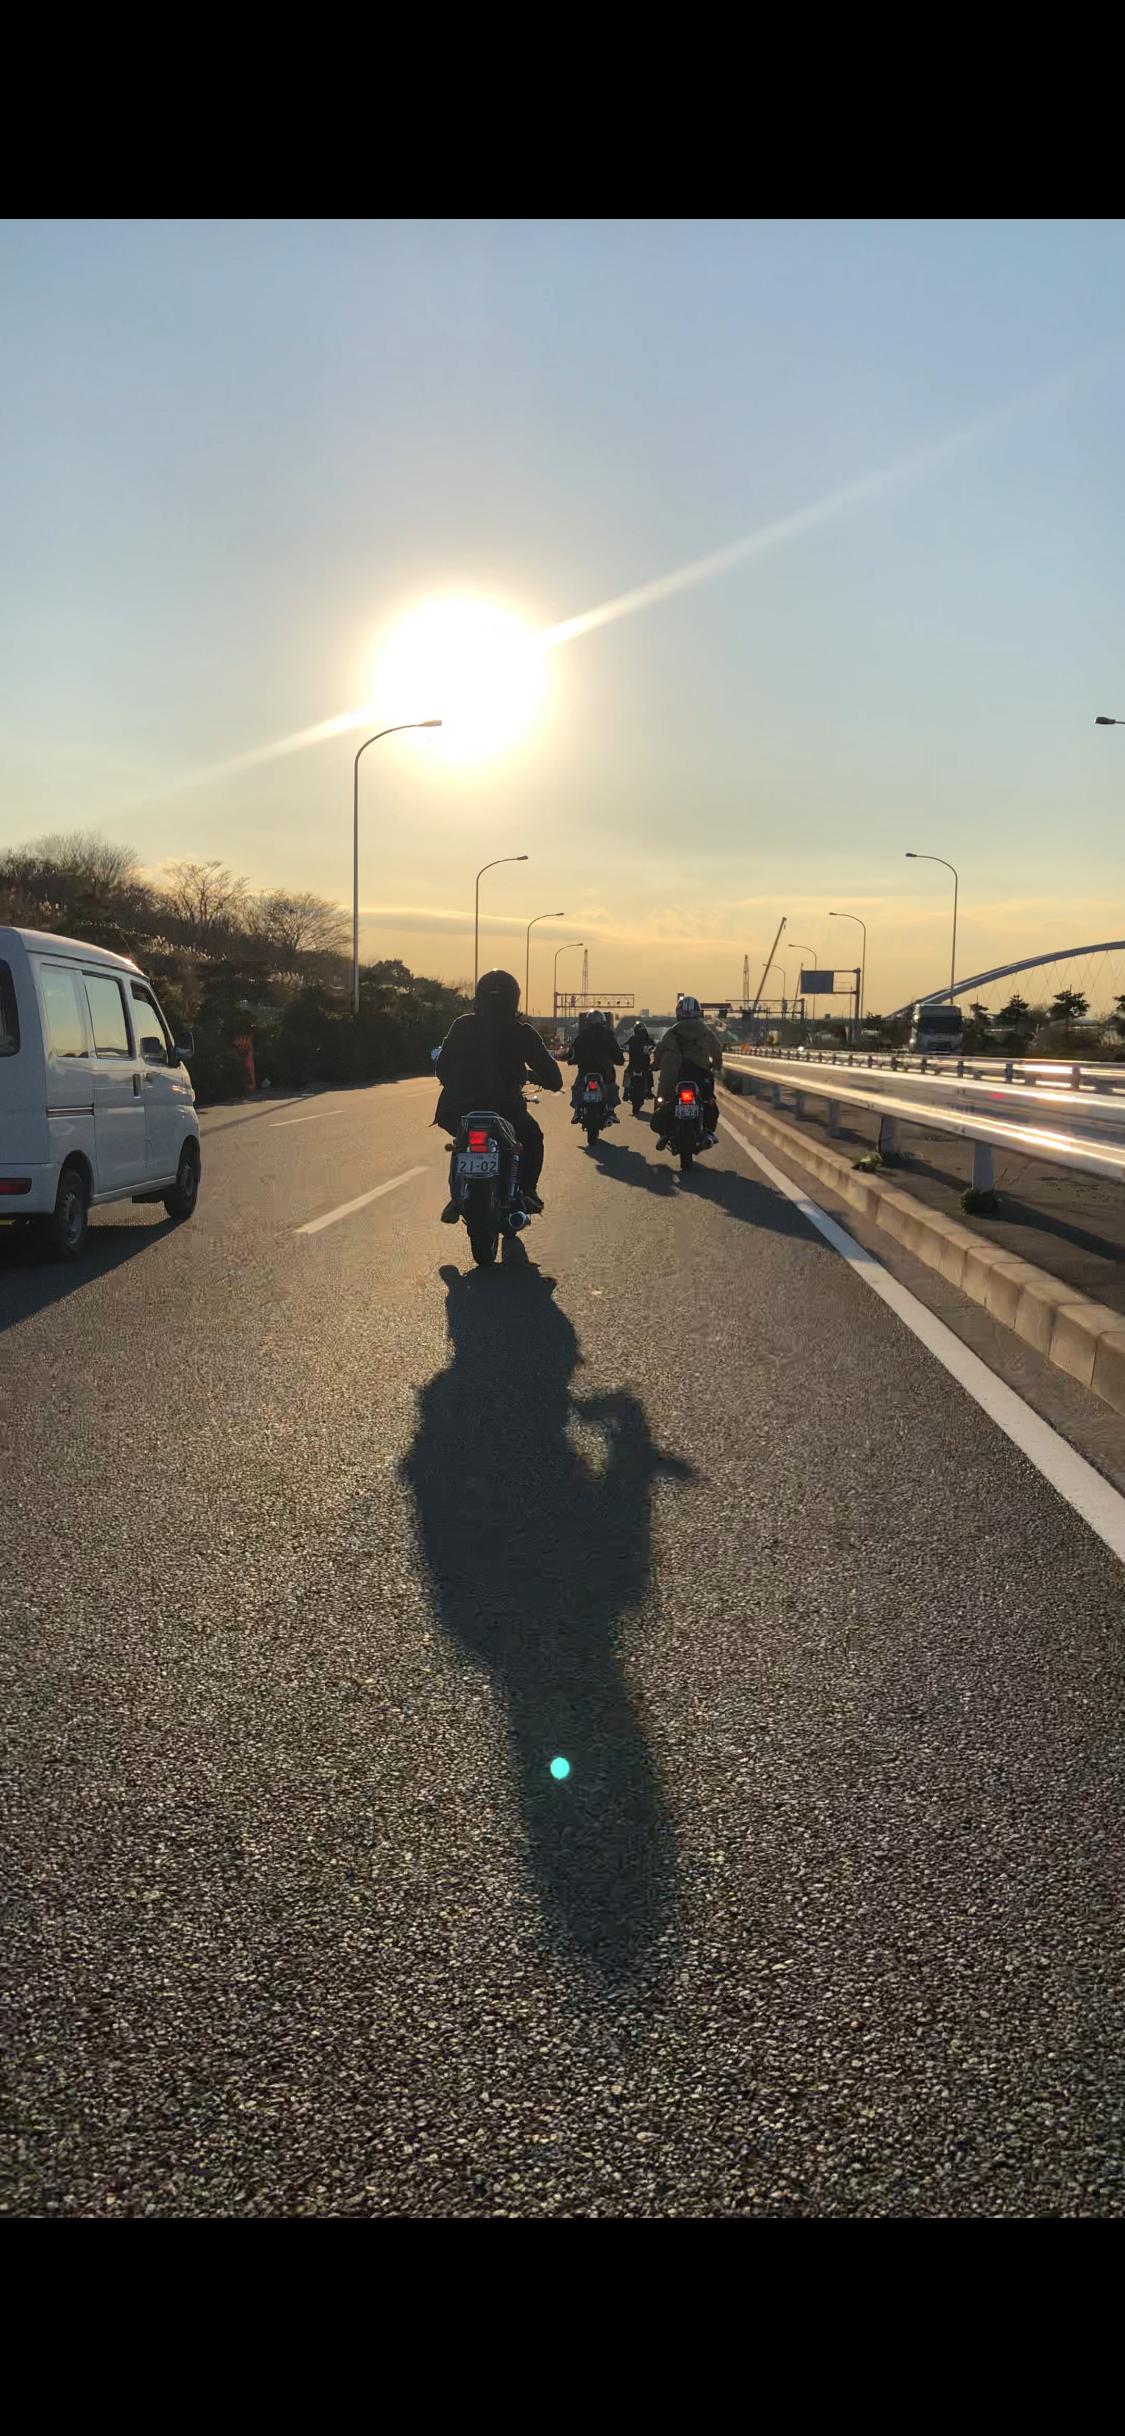 f:id:yukiaveiro:20190103181353p:image